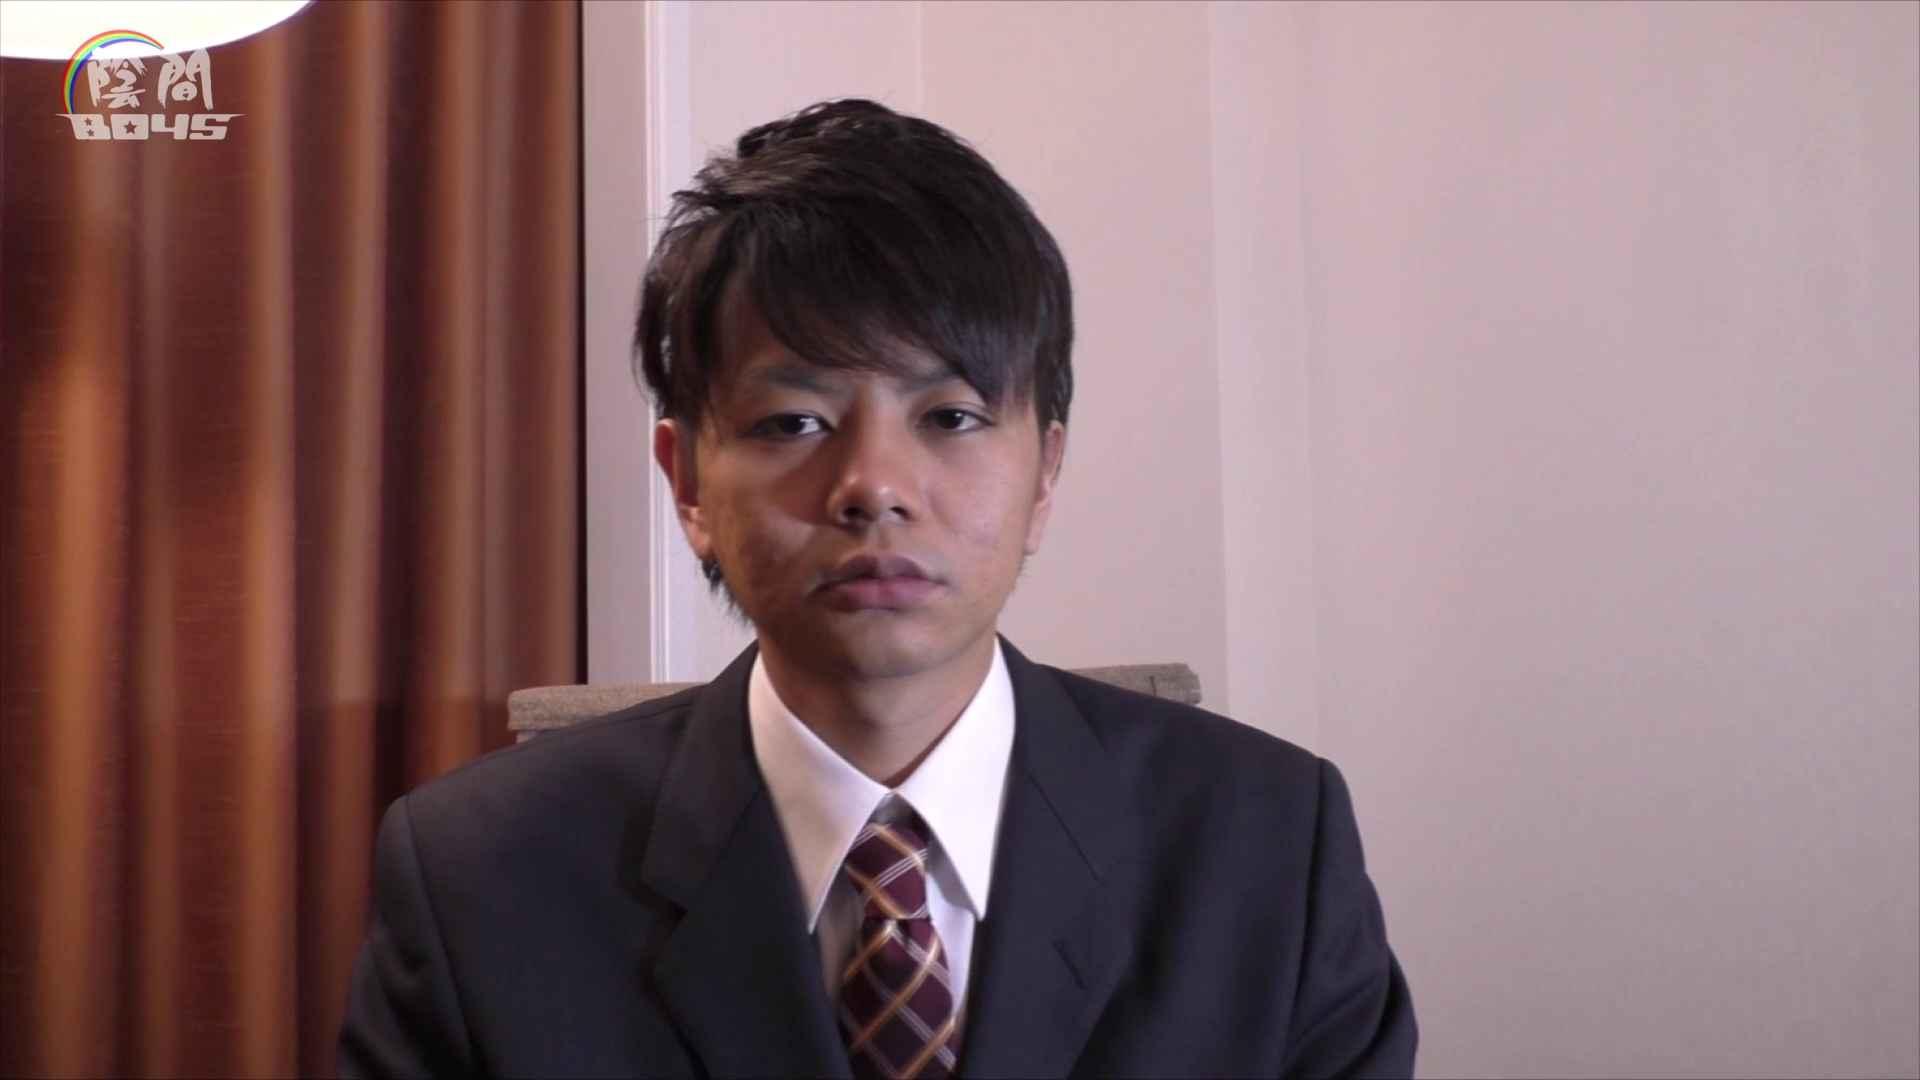 陰間BOYS~キャバクラの仕事はアナルから4 Vol.01 アナル ゲイザーメン画像 82枚 36